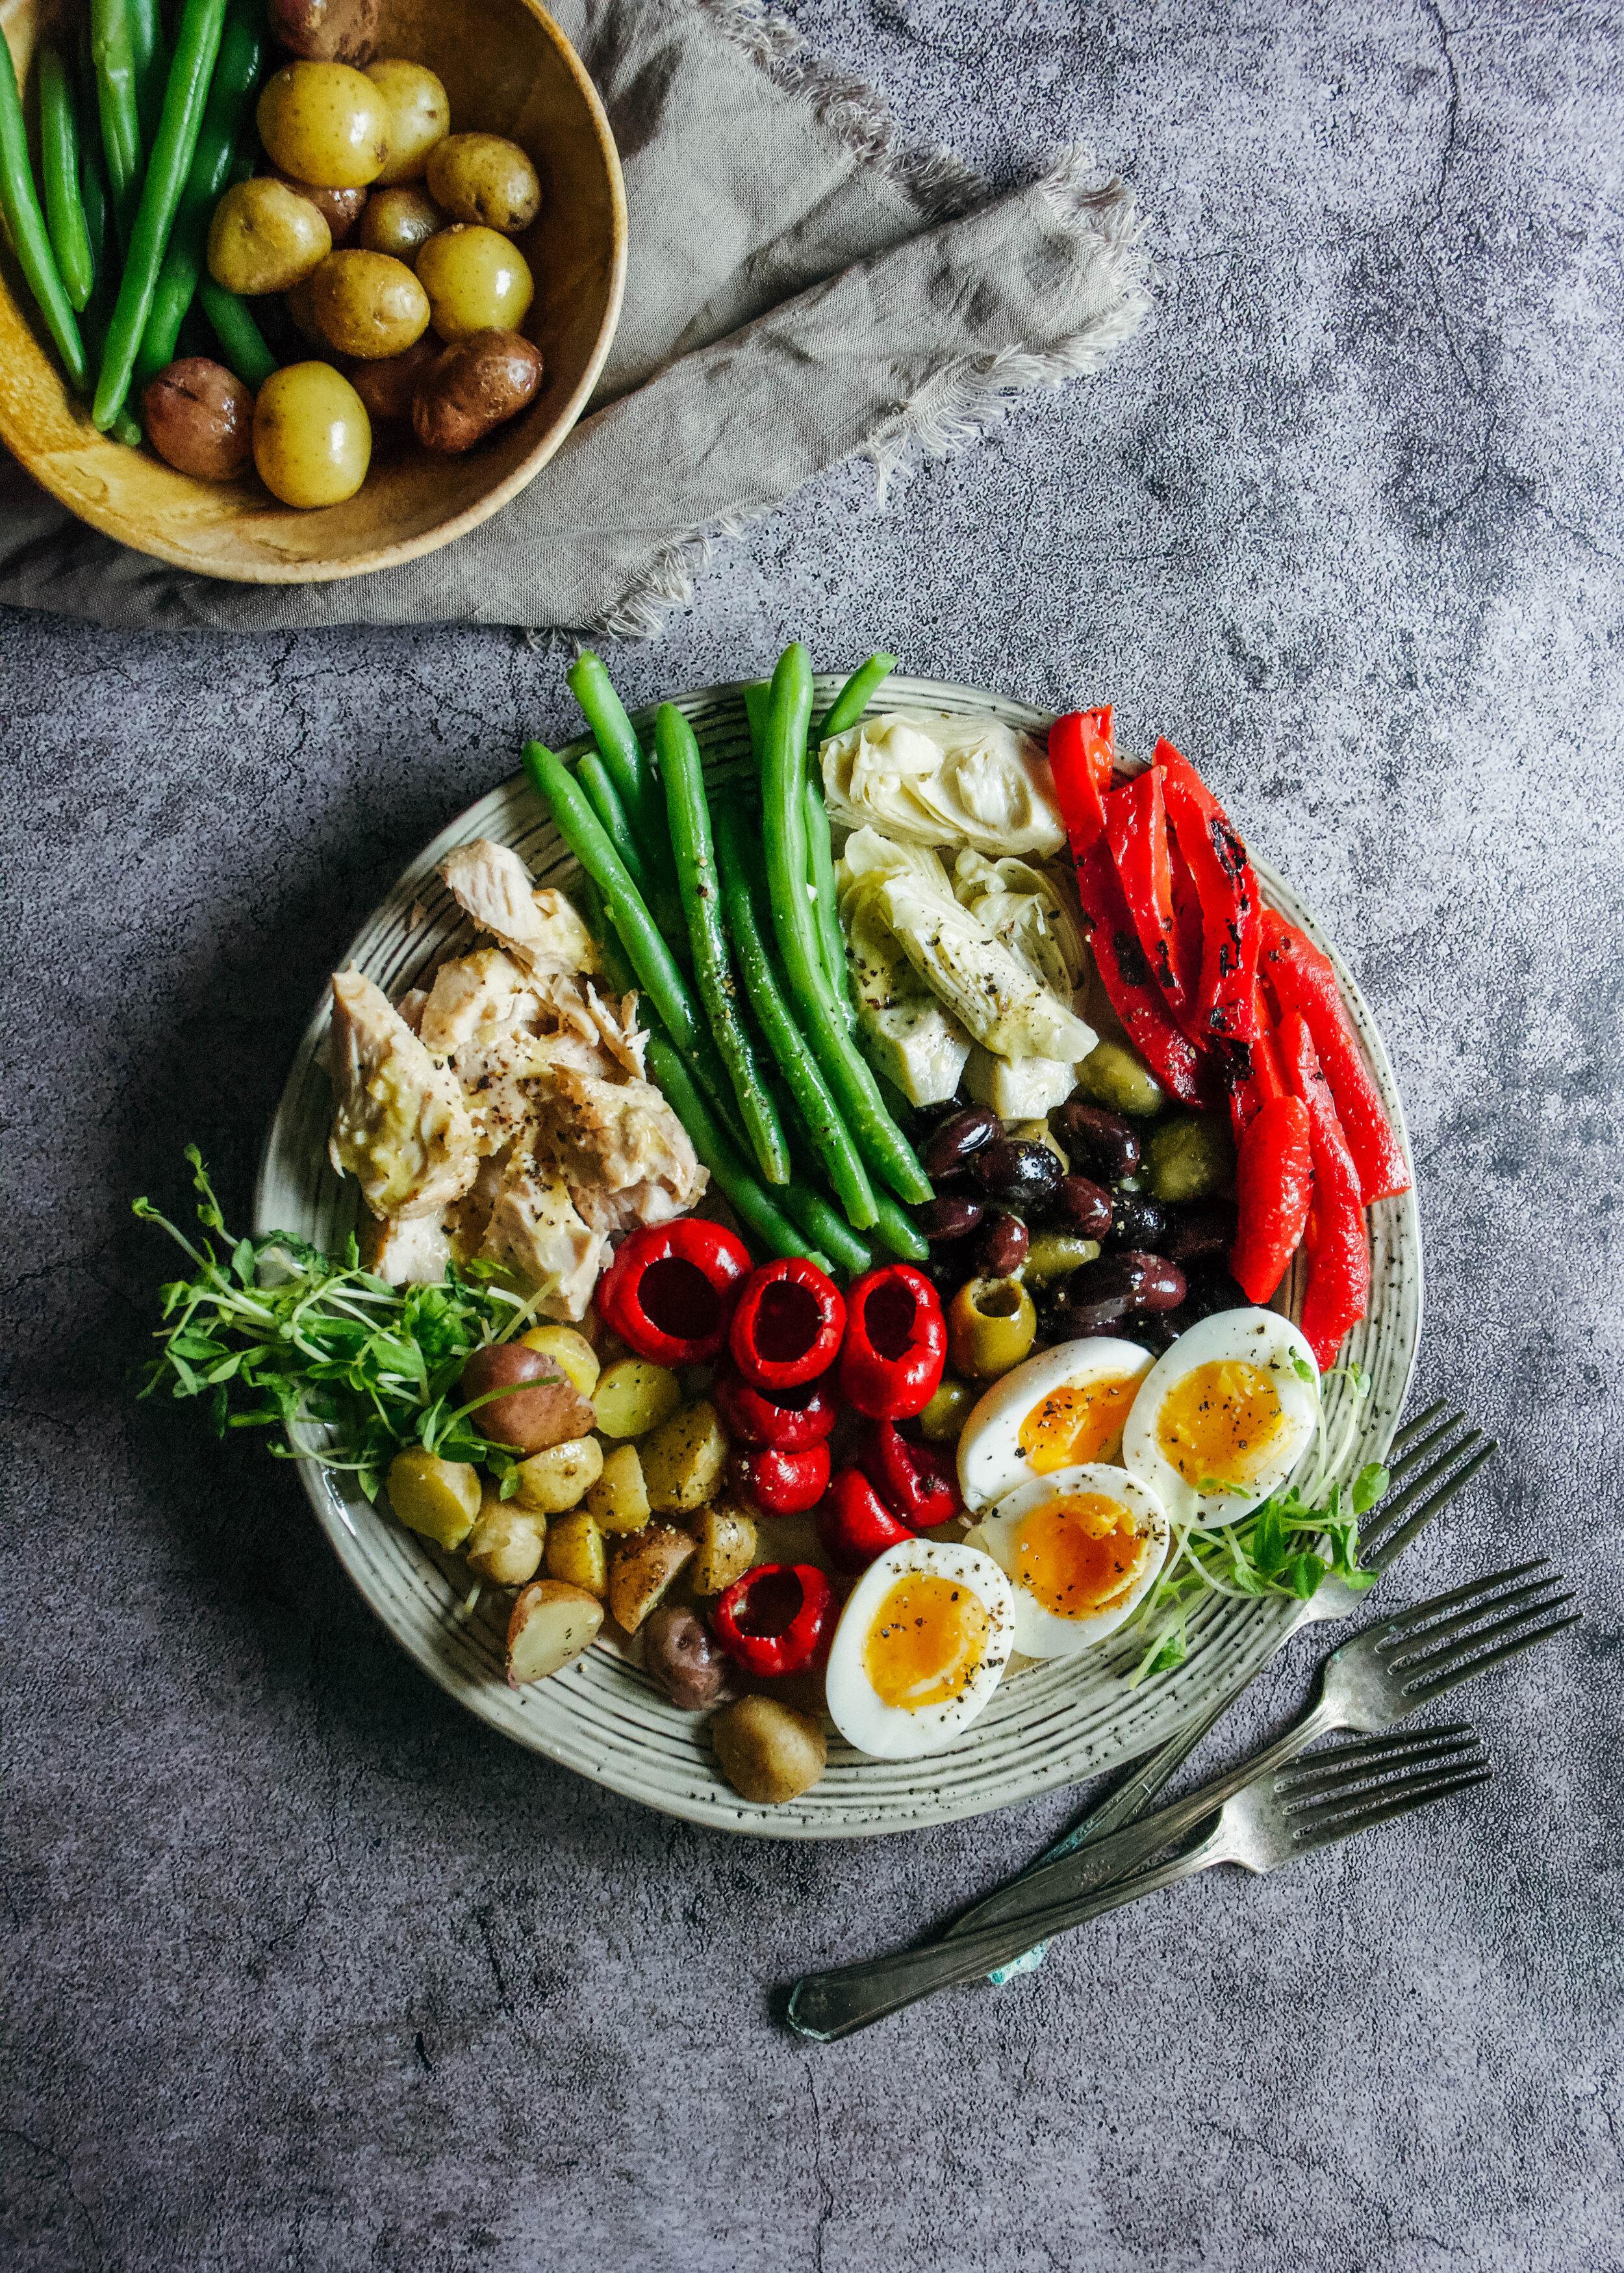 salad nicoise-3.jpg